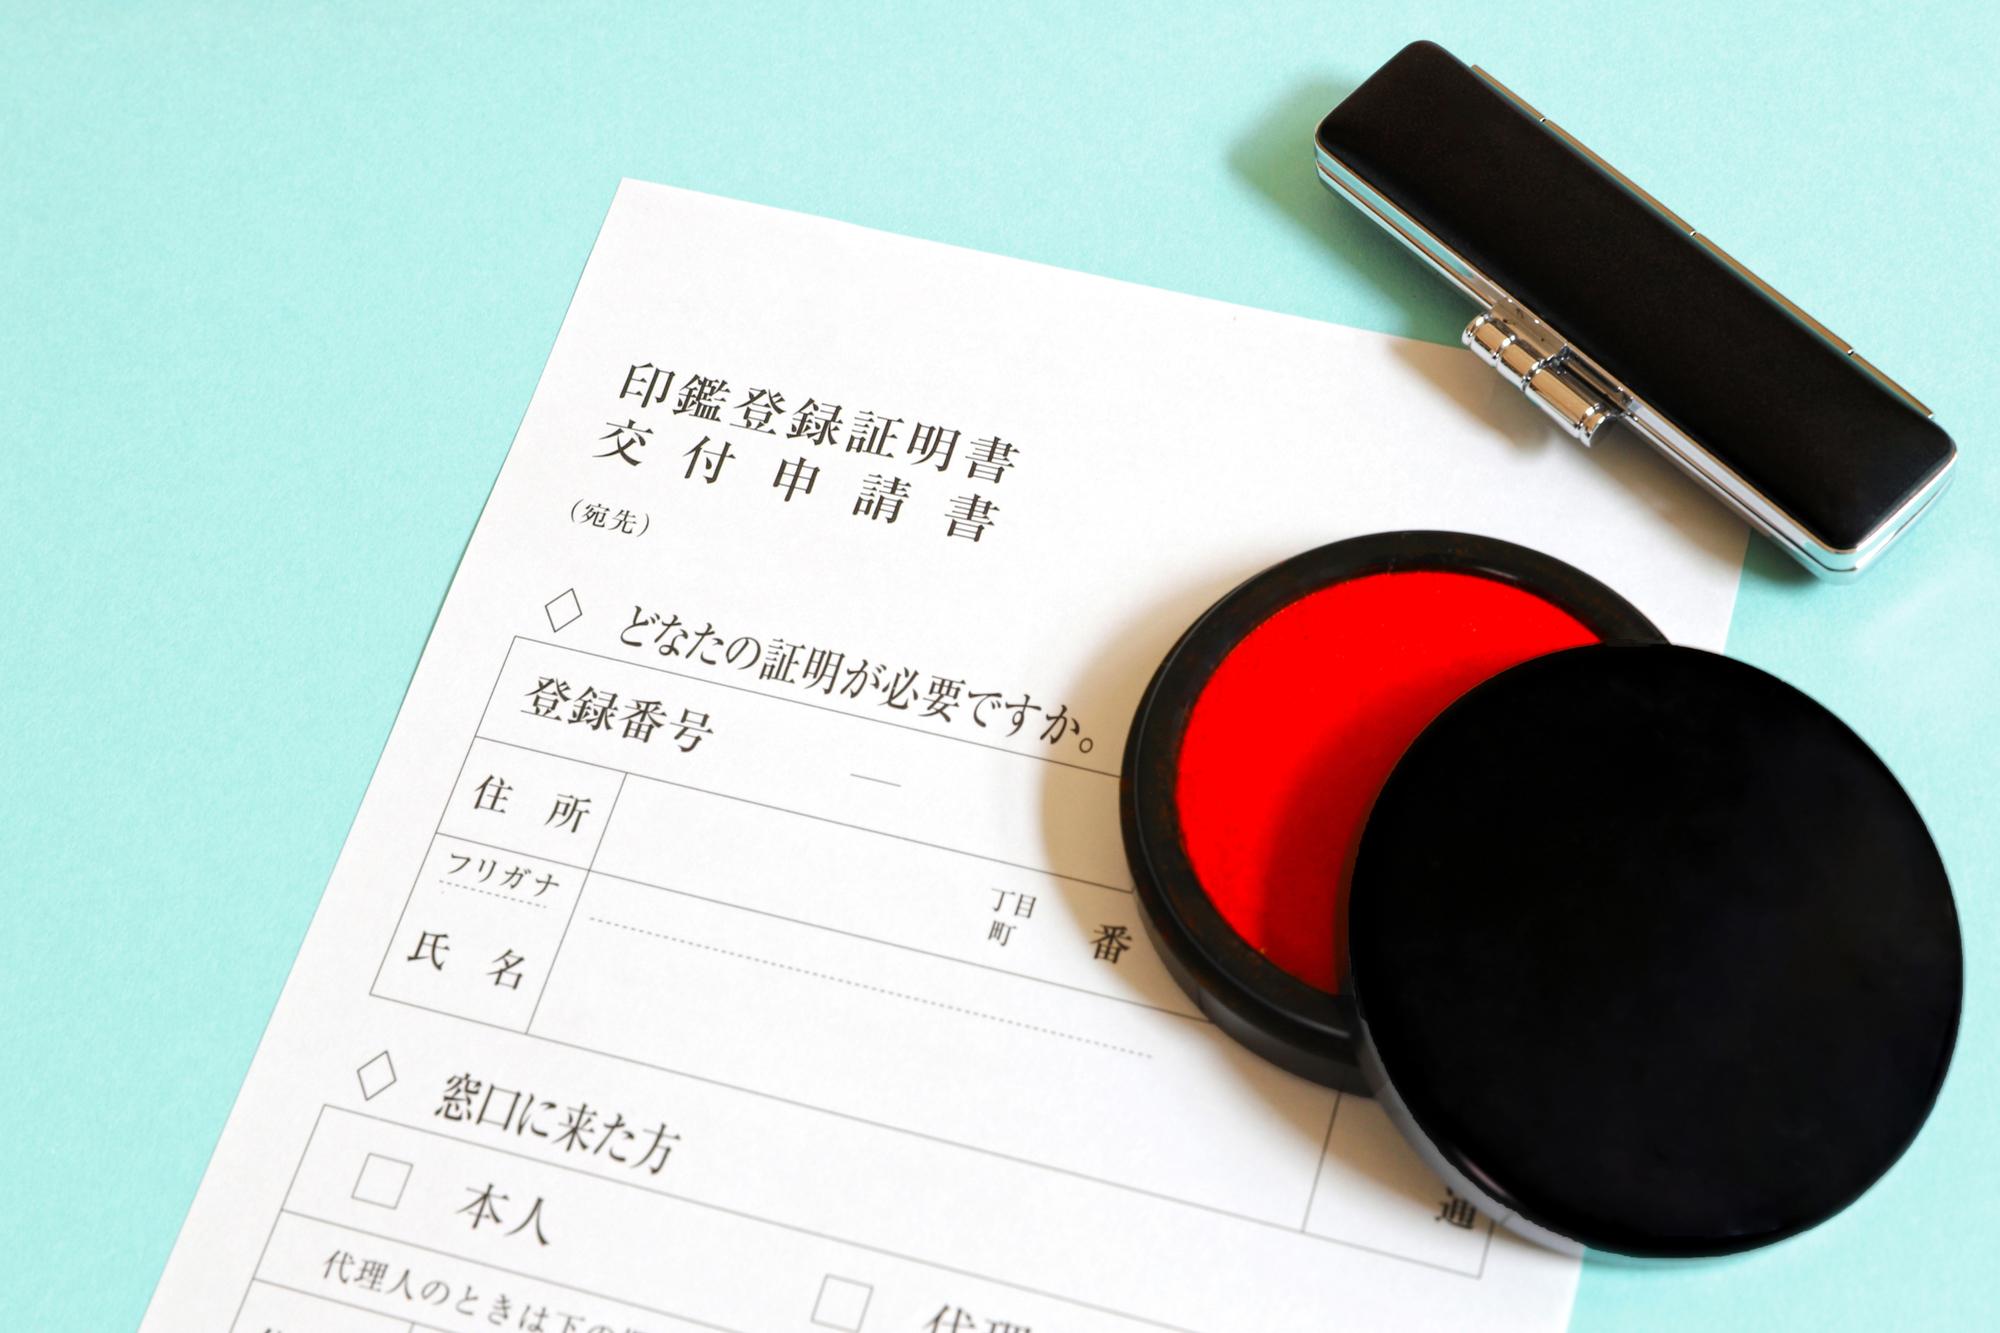 印鑑登録証明書 交付申請書